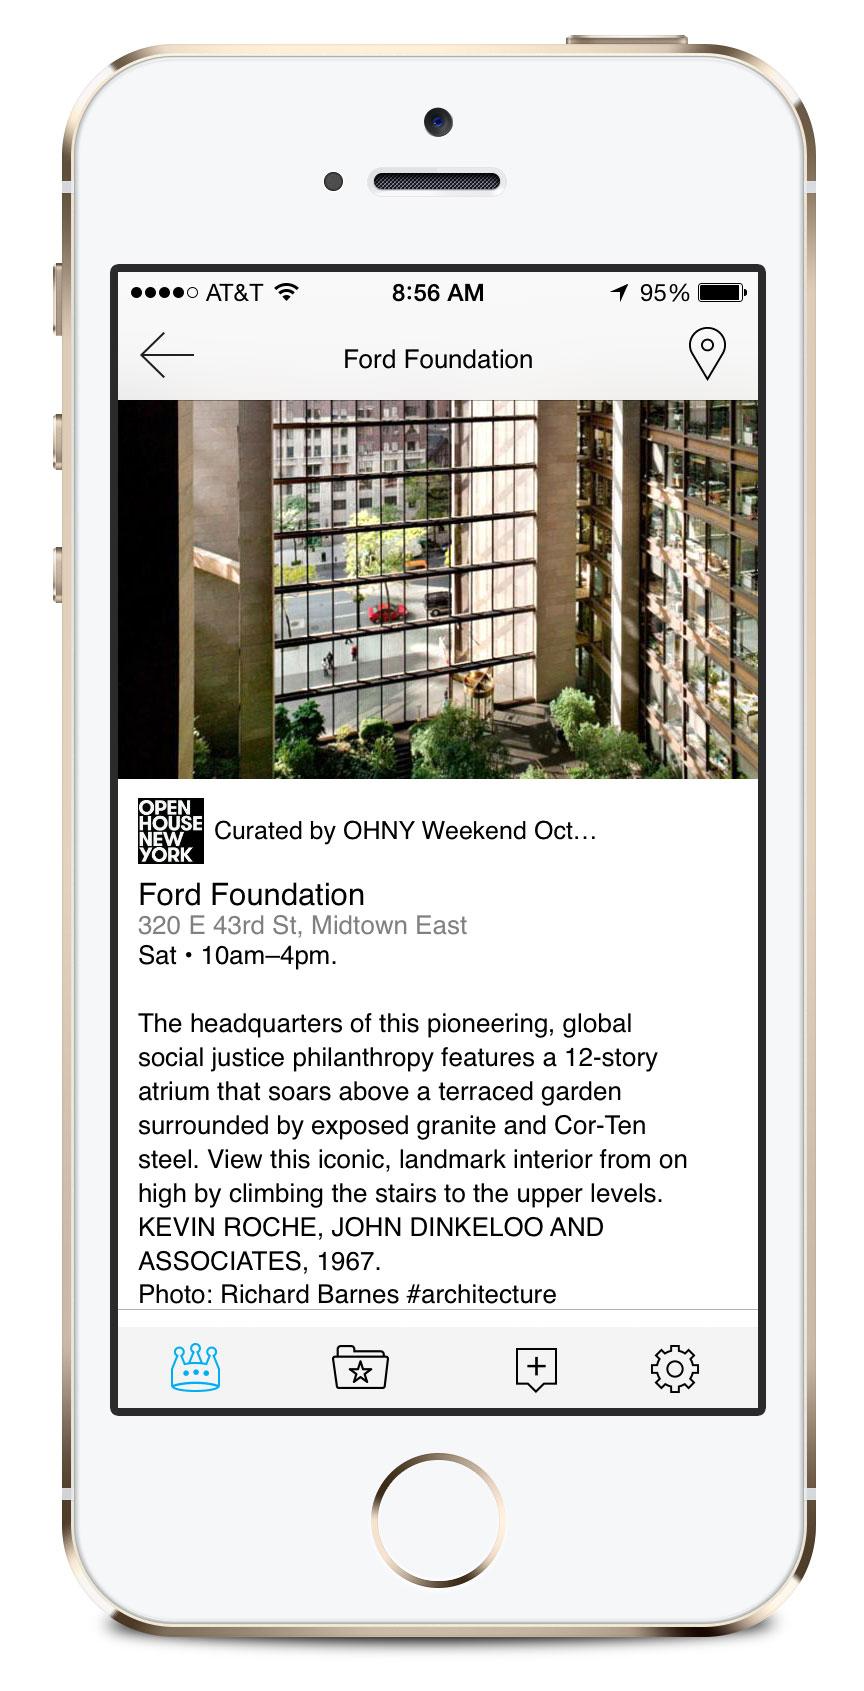 03_detailscreen.jpg